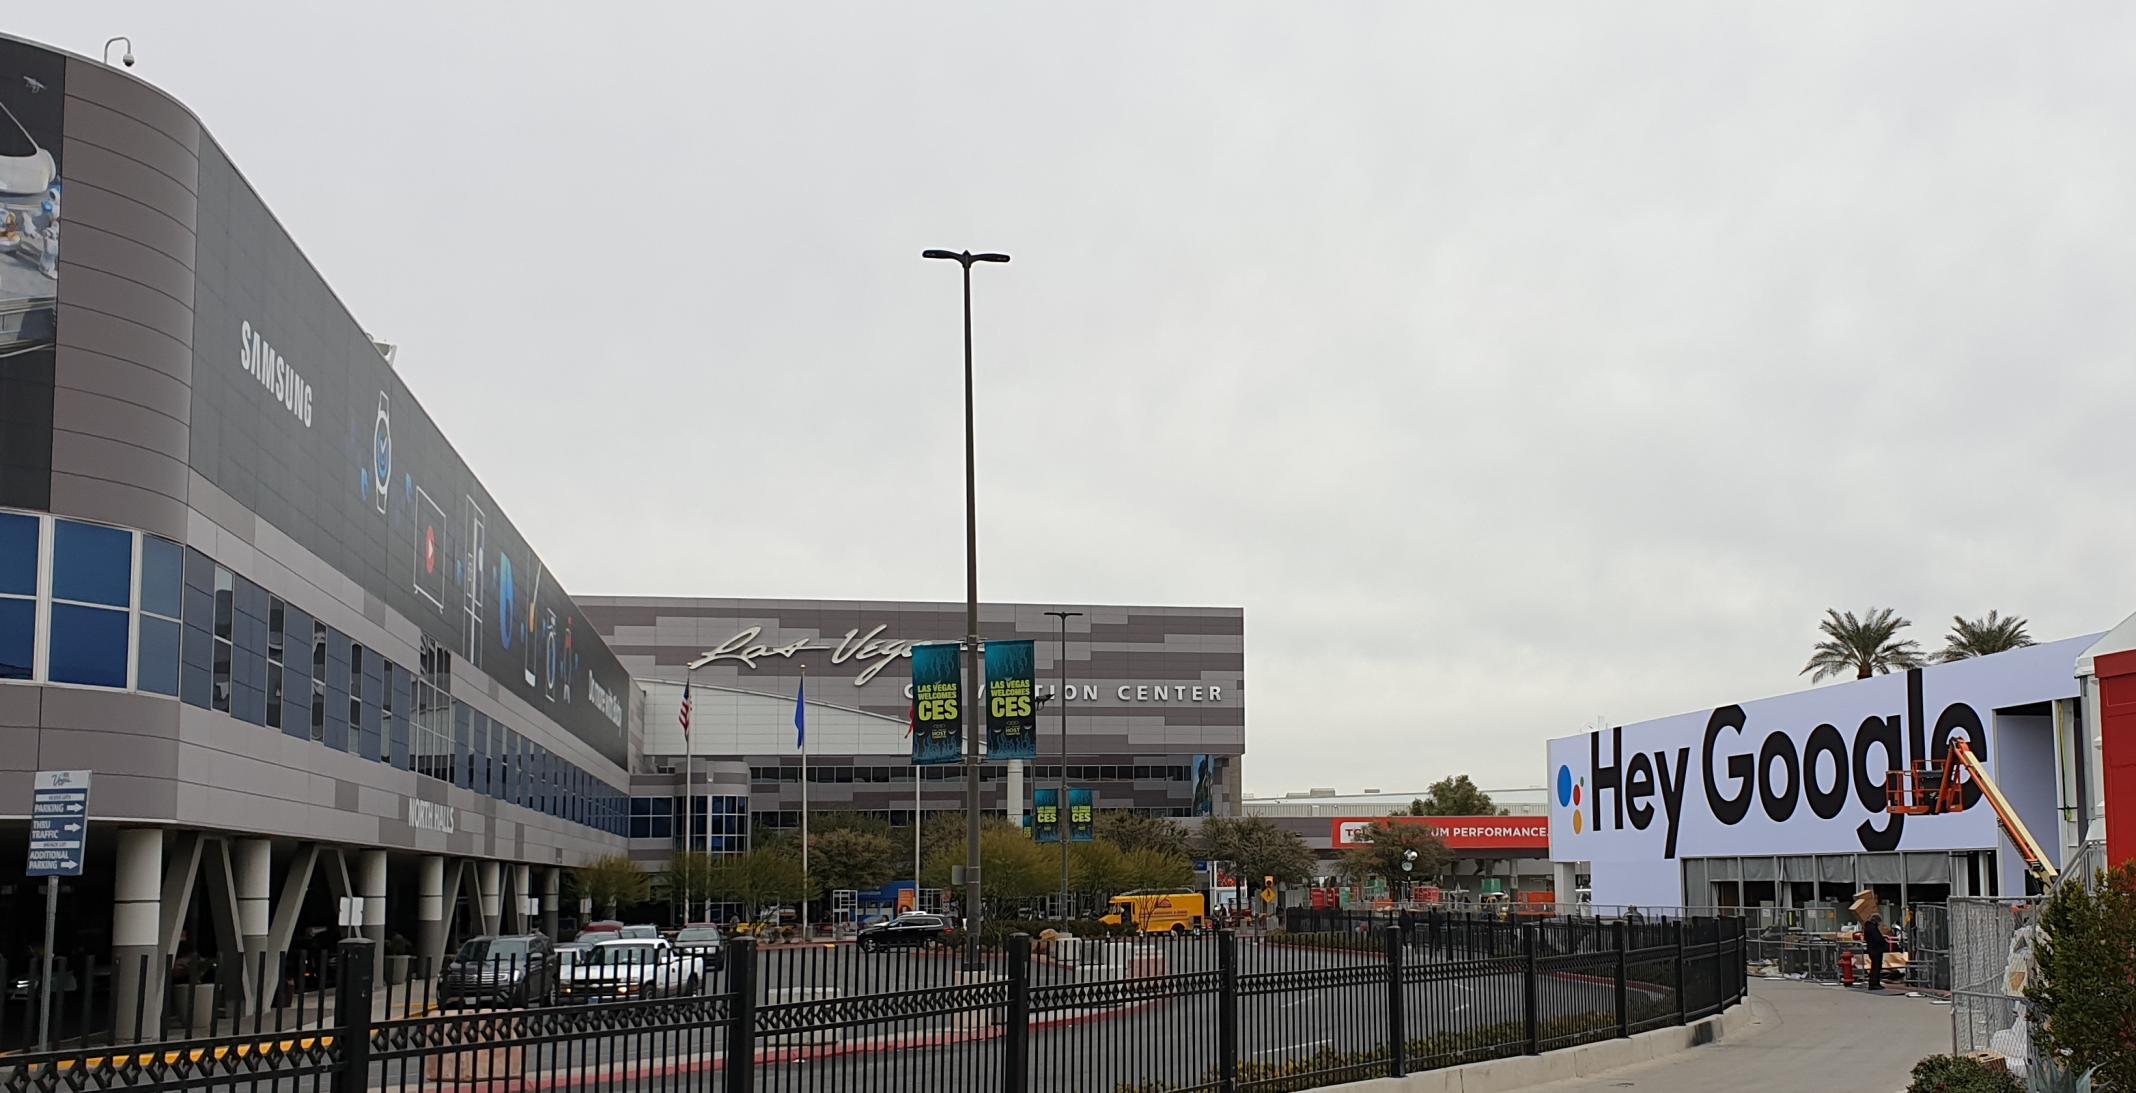 CES-Messegelände in LAs VEgas mit Samsung- und Google-Werbung.